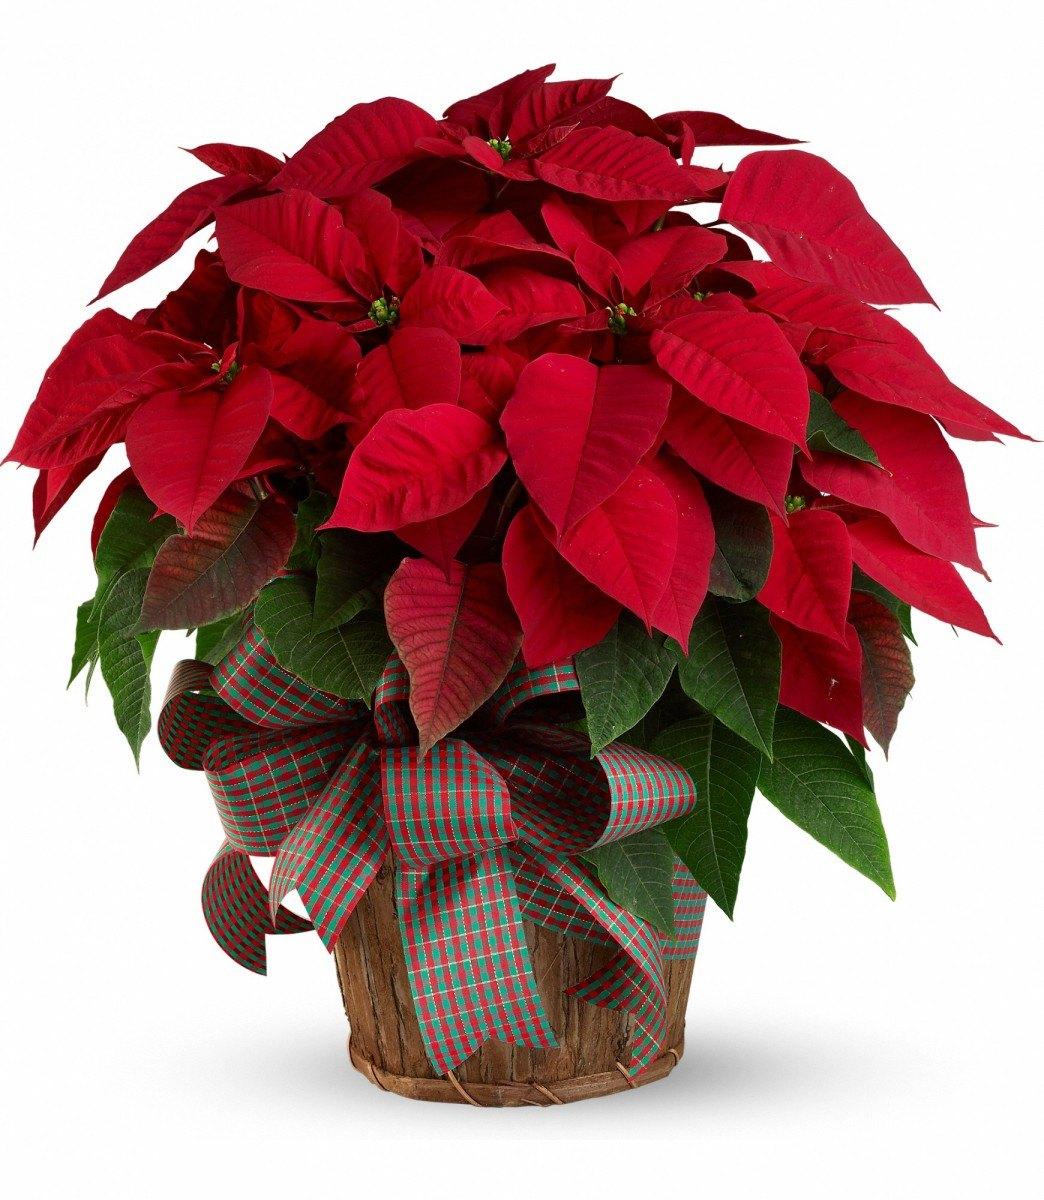 есть как называется вазон с красными листьями фото озером, которое находится